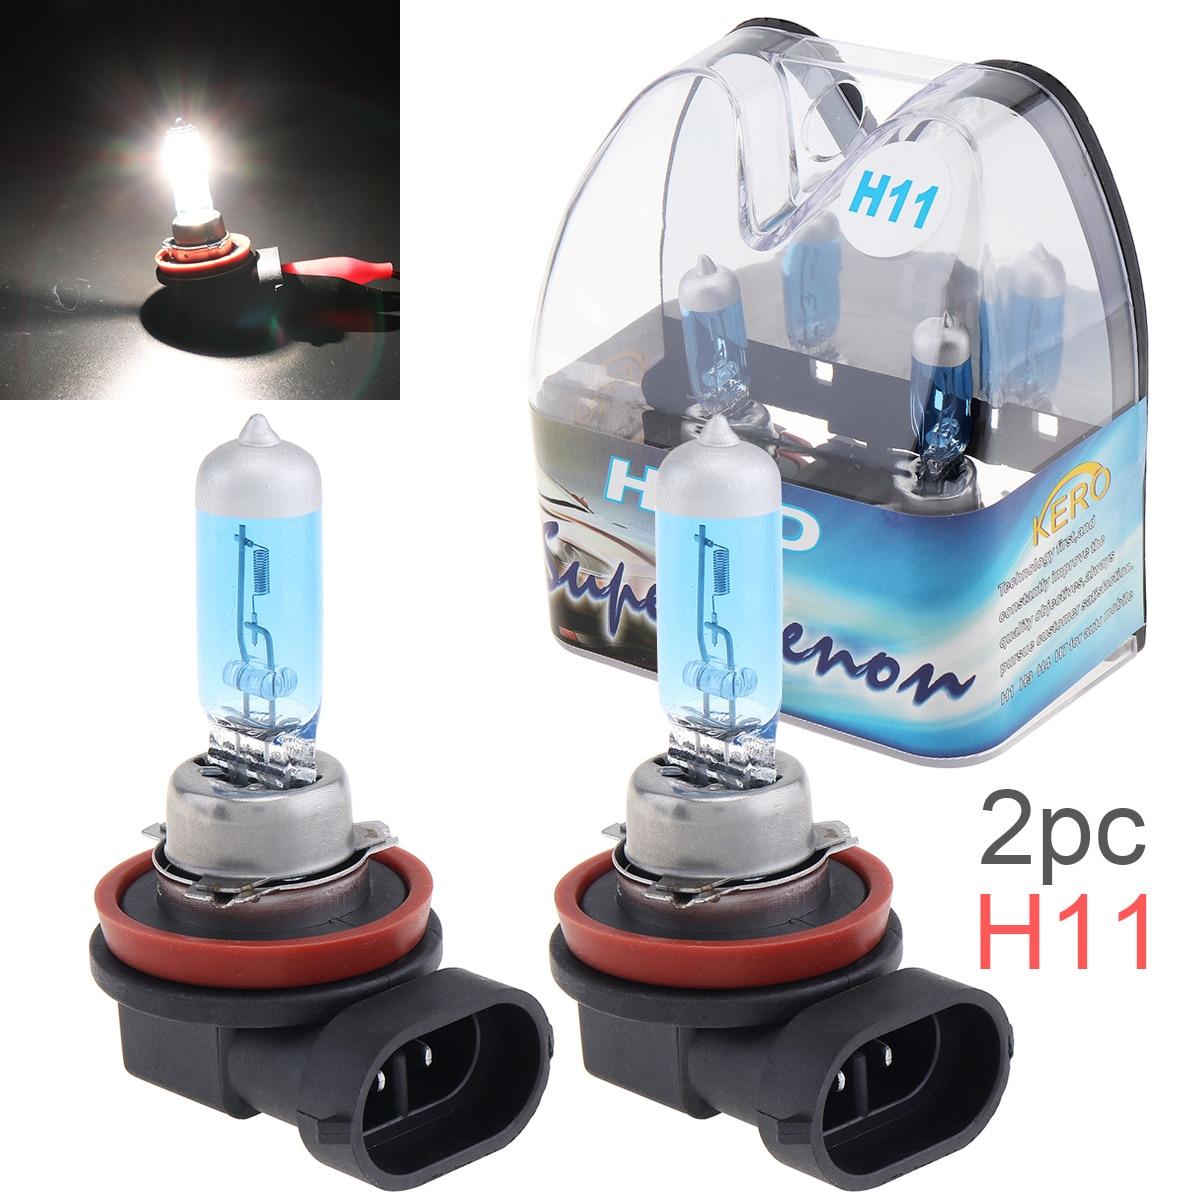 2 pces 12 v h11 55 w 6000 k luz branca super brilhante lâmpada de halogênio do carro farol da frente do automóvel farol de nevoeiro para carros